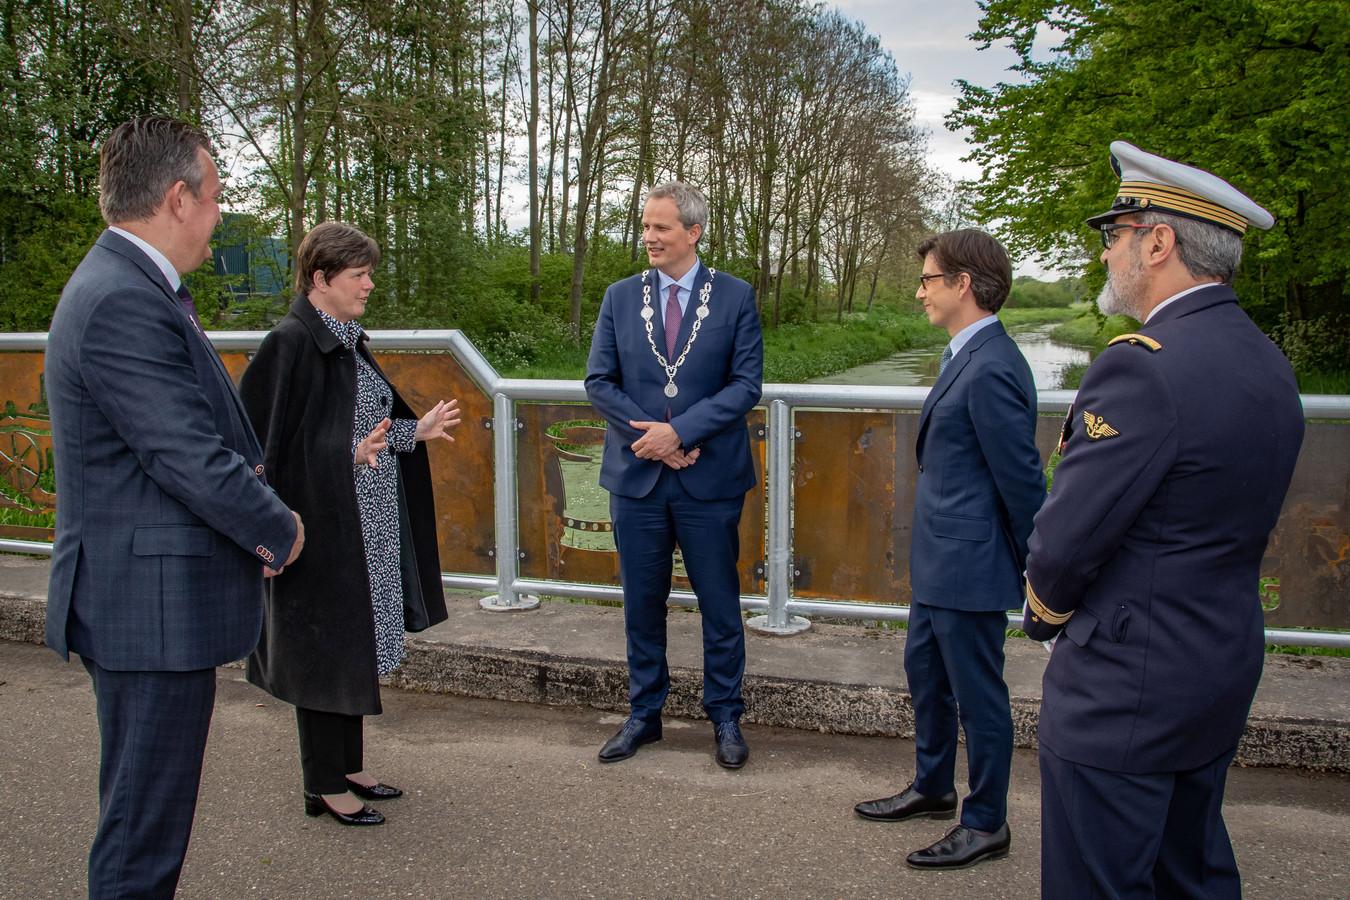 De nieuwe brug die de Franse soldaten herdenkt die op 12 mei 1940 zijn gesneuveld in Diessen. Van links naar rechts: Wil Vennix, Ina Adema, Evert Weys, Luis Vassy en een begeleider van de Franse ambassadeur.